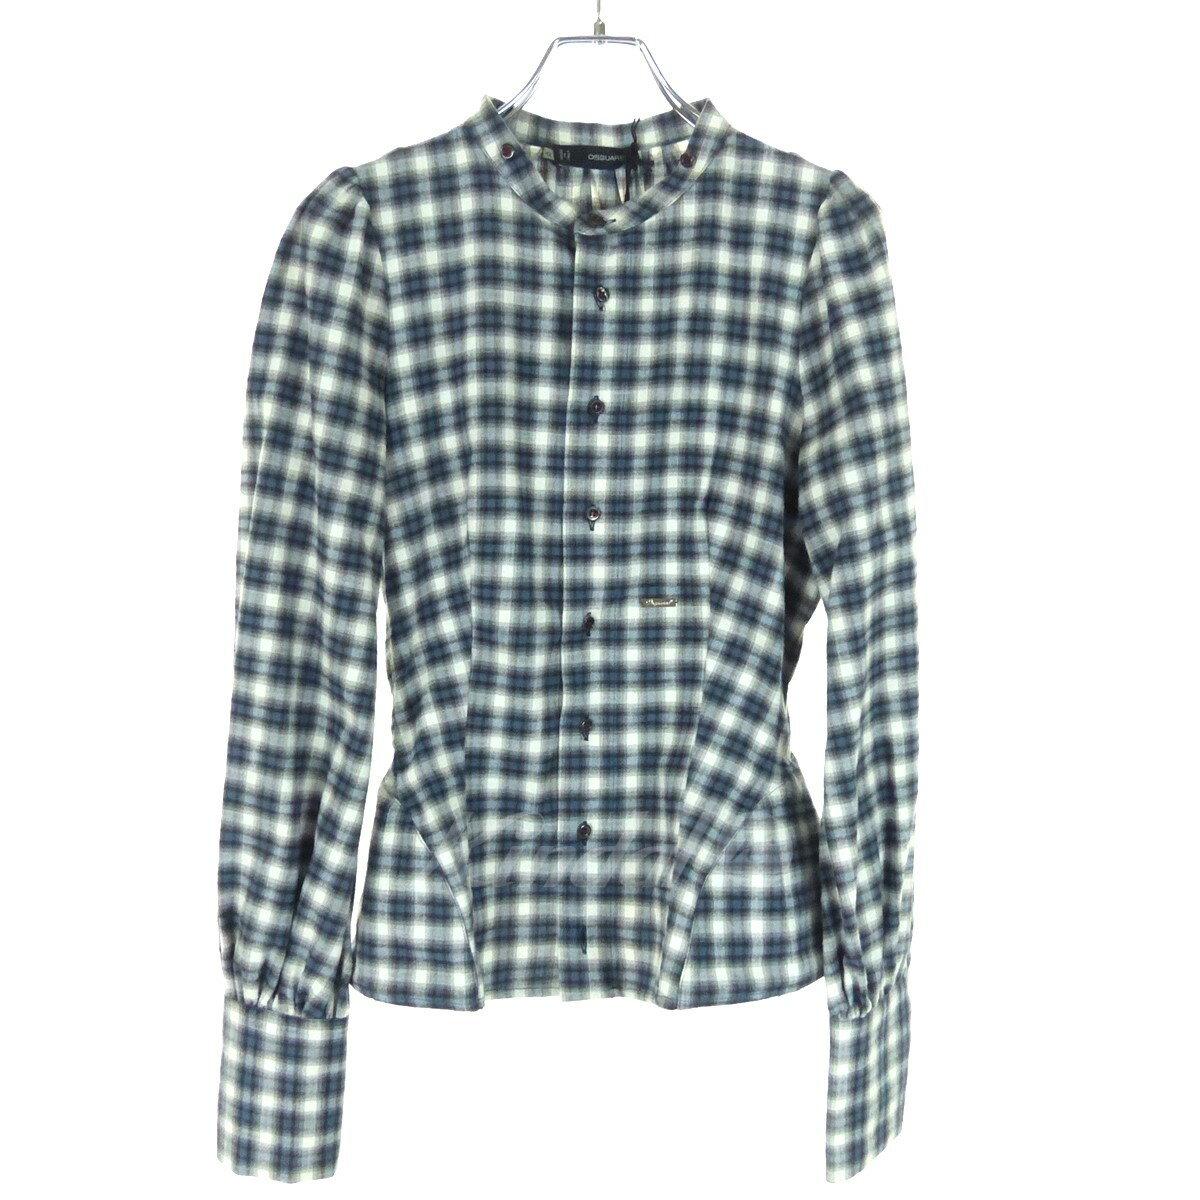 【中古】DSQUARED2 ワイヤーペプラムチェックシャツ 2011A/W ブルー×グレー×ホワイト サイズ:42 【080218】(ディースクエアード)